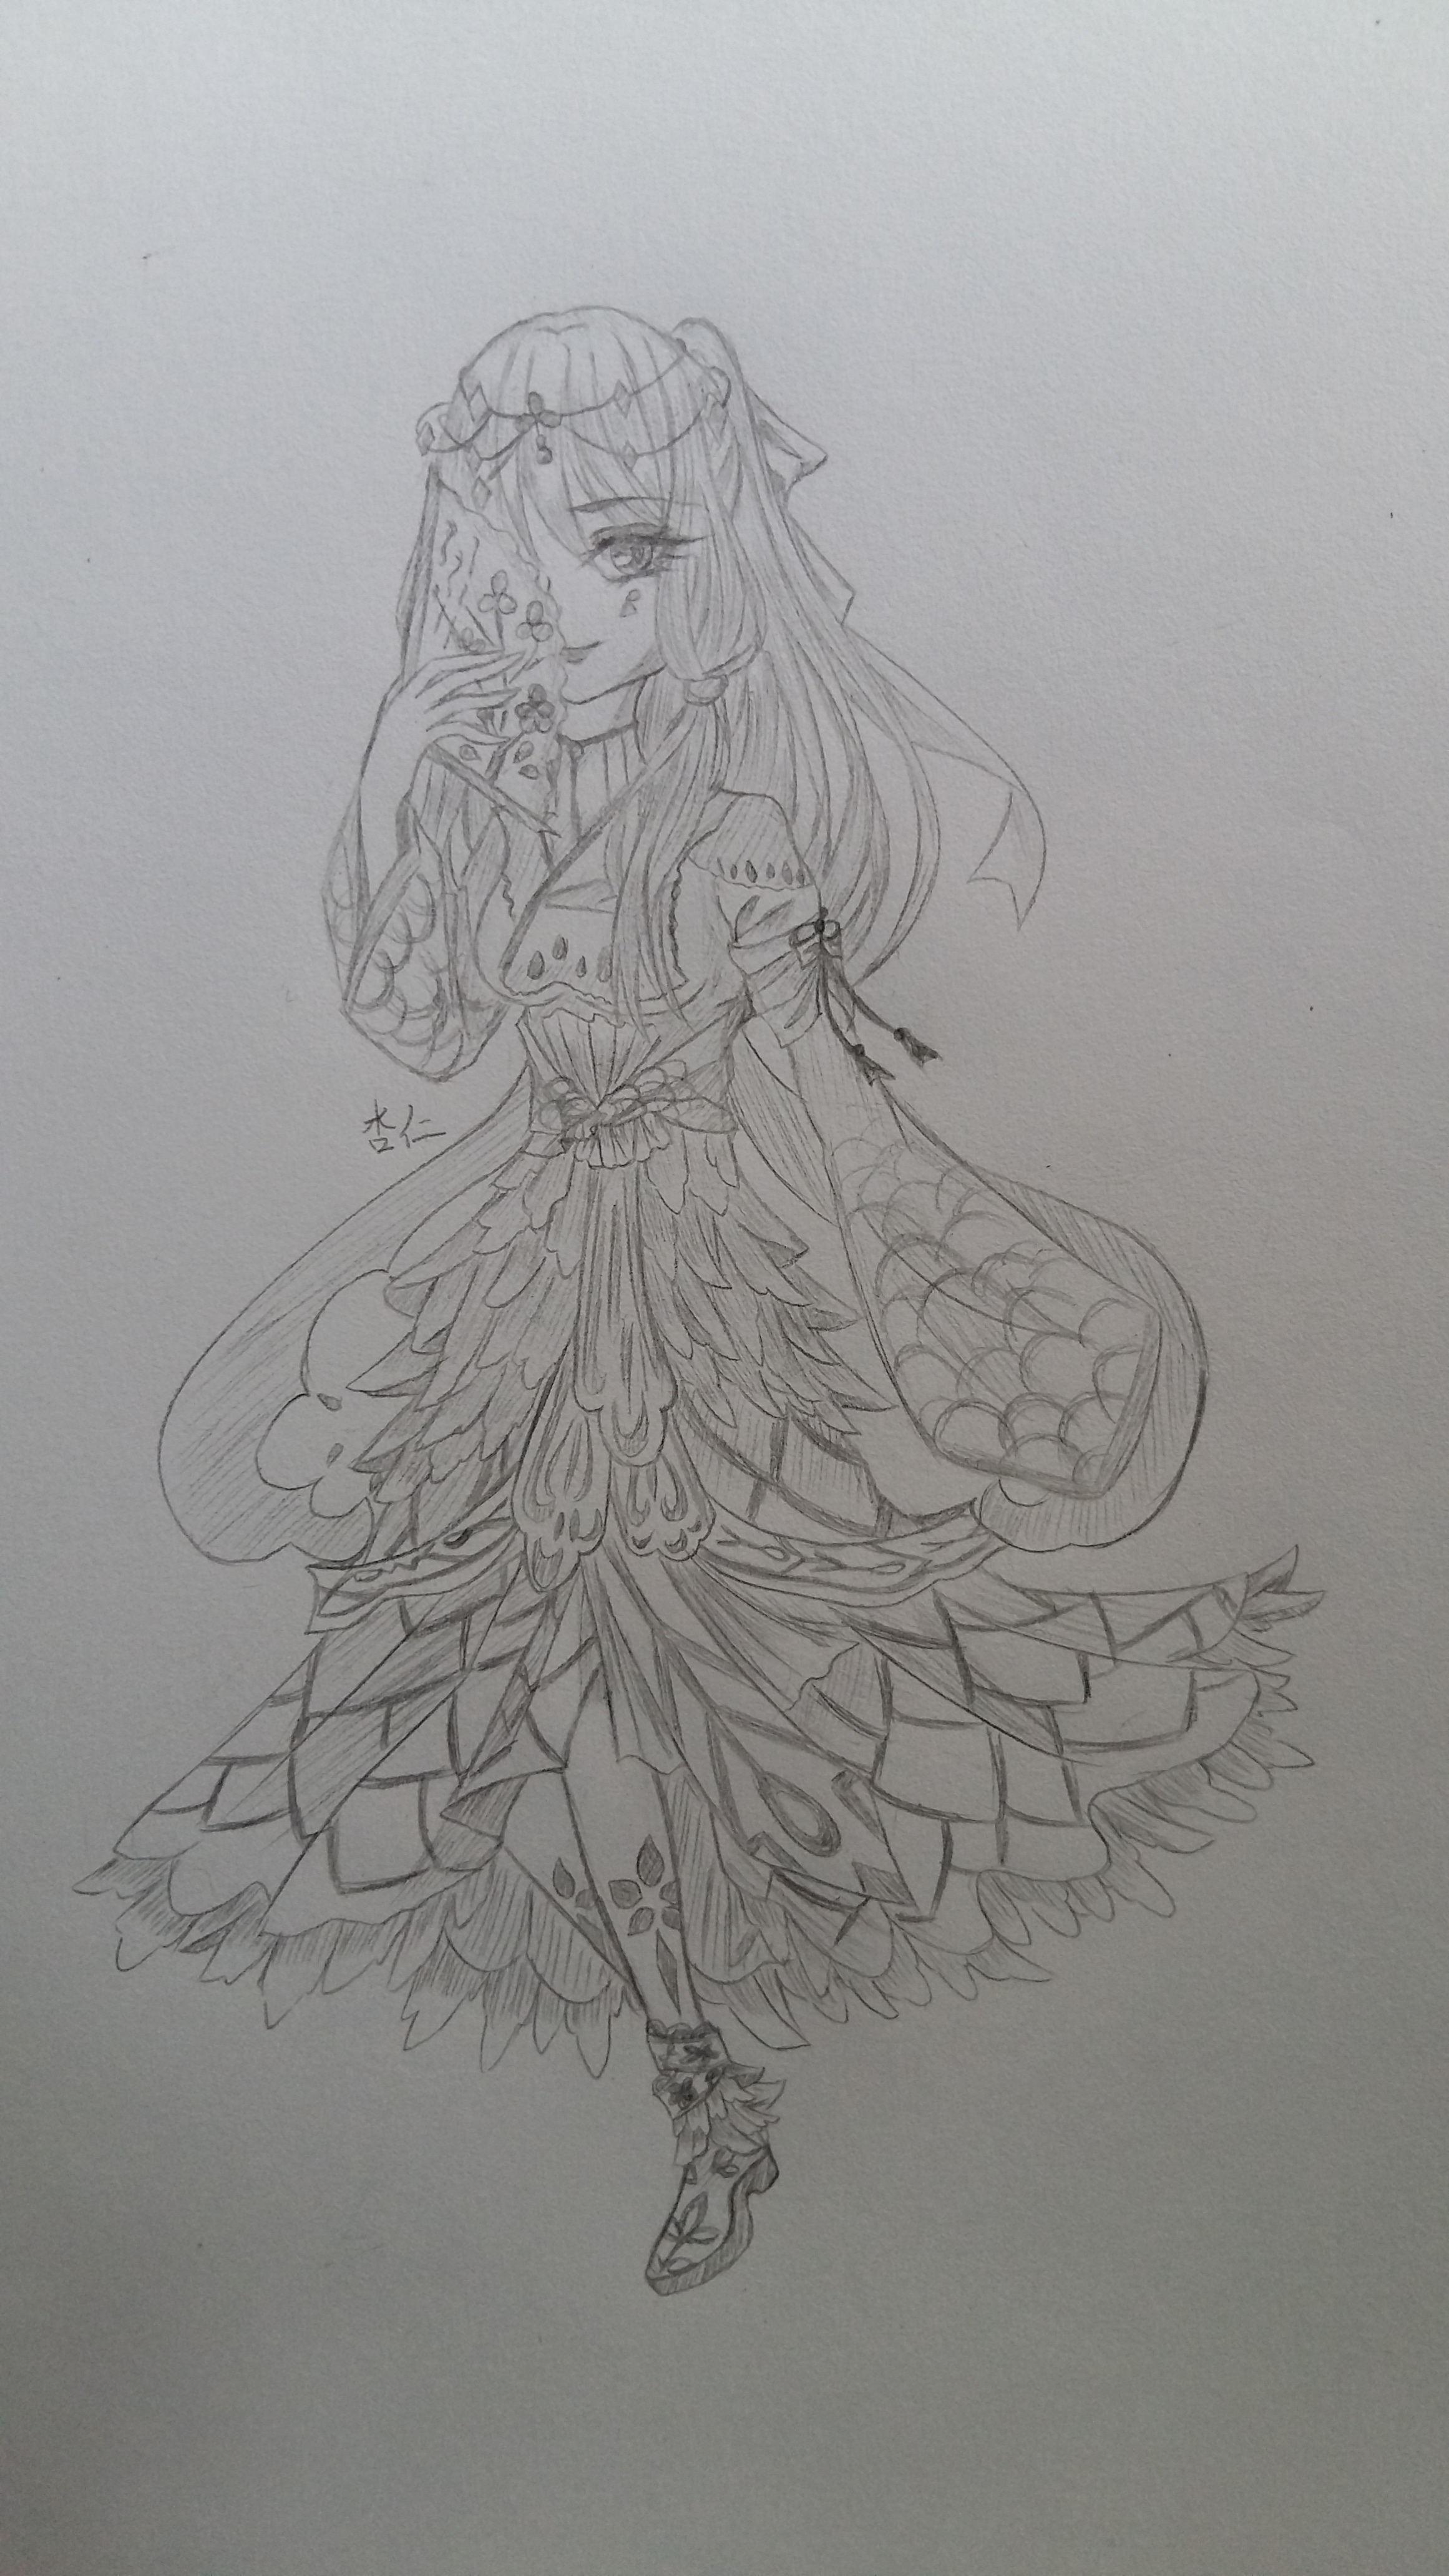 【杏仁】铅笔手绘图